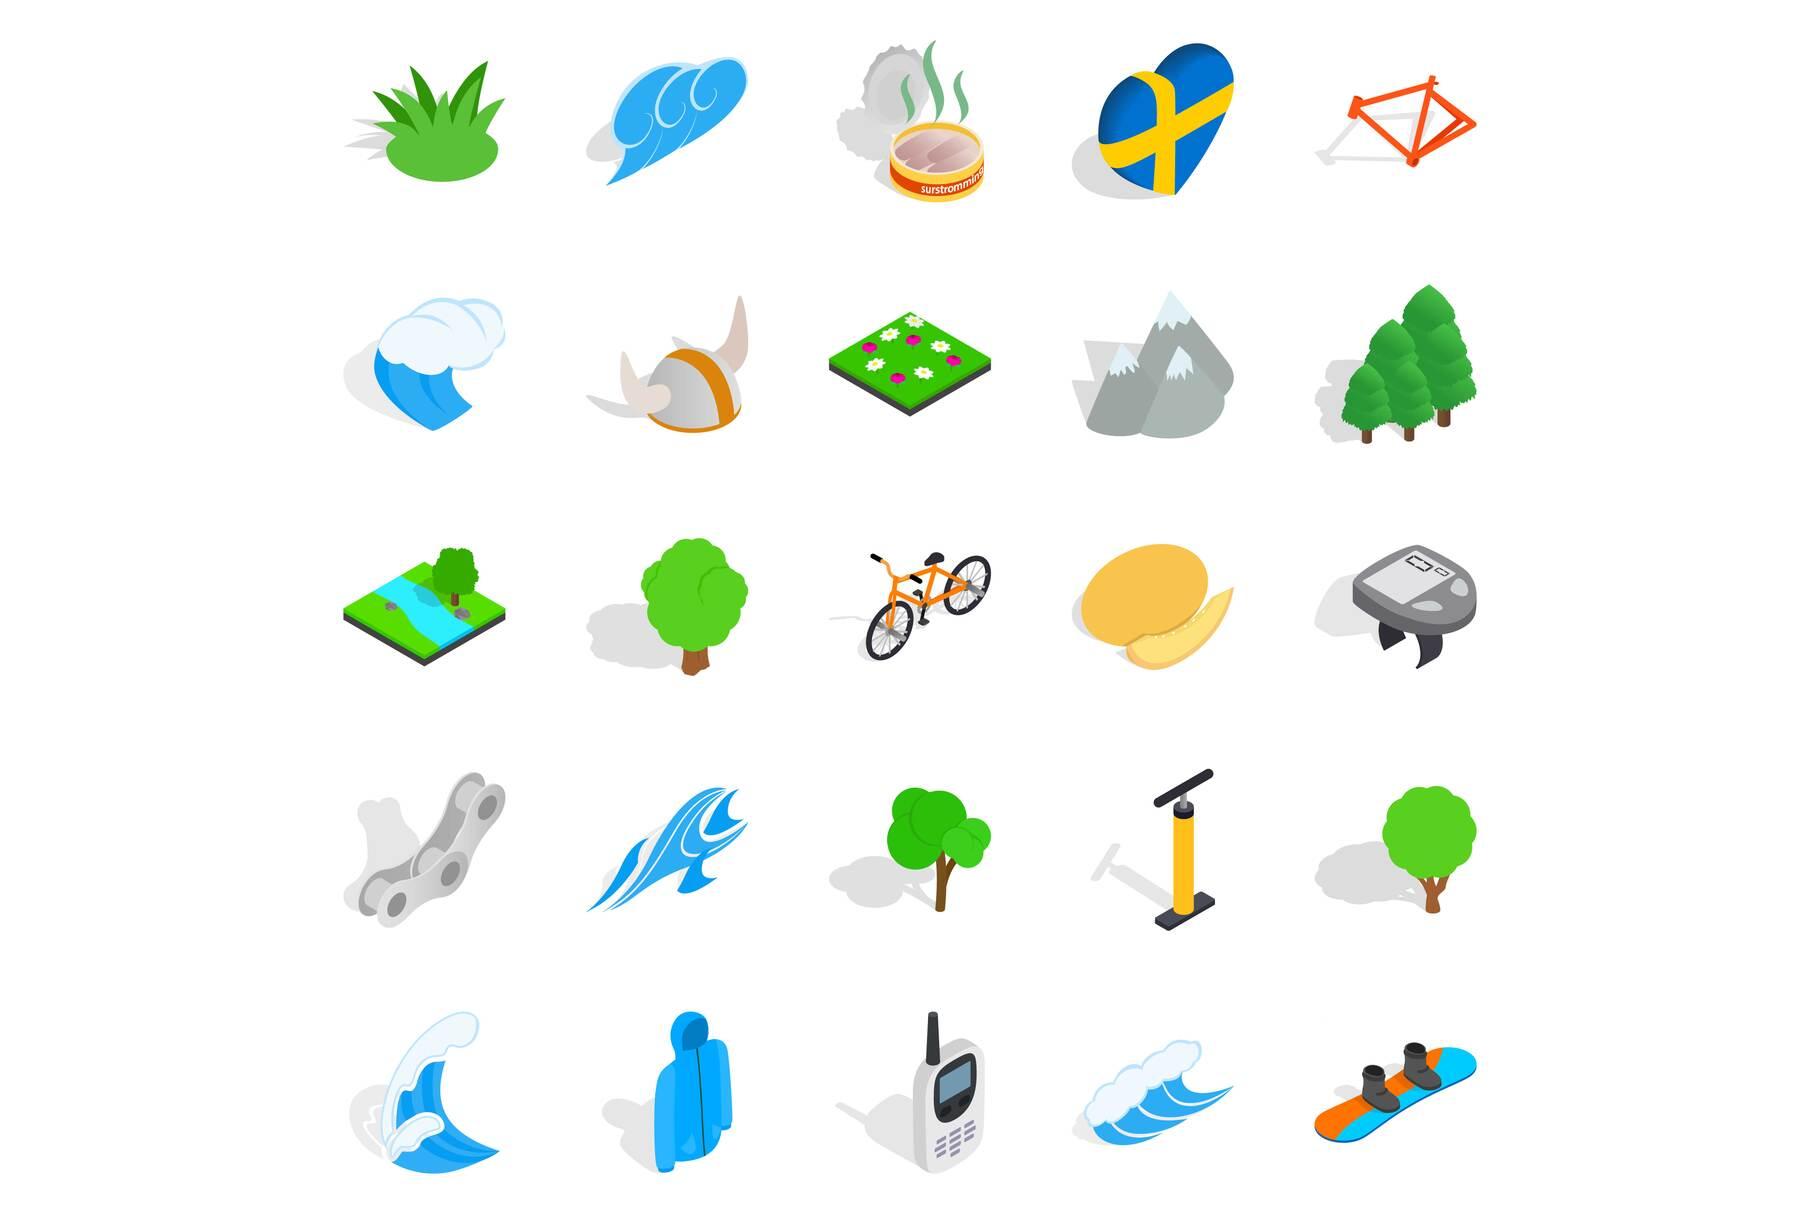 Unity with nature icons set, isometric style example image 1